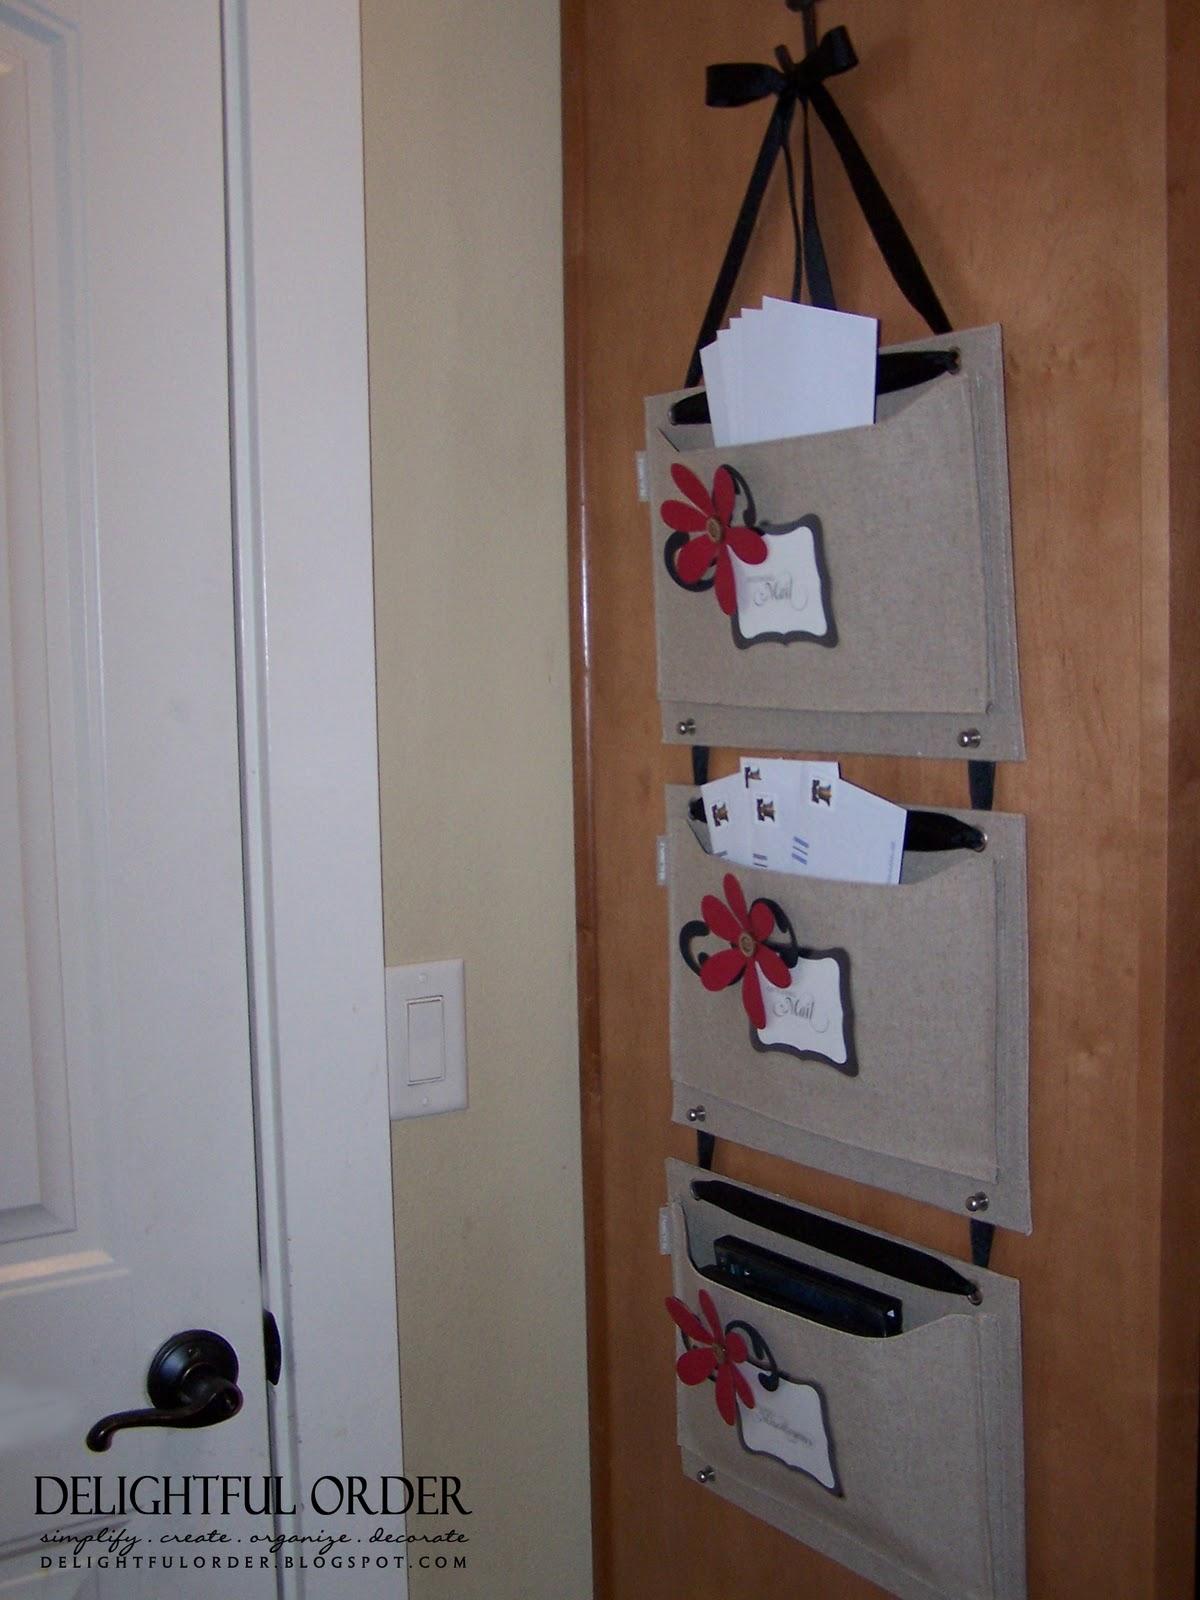 Paperwork Organizer: Delightful Order: Mail Organizer